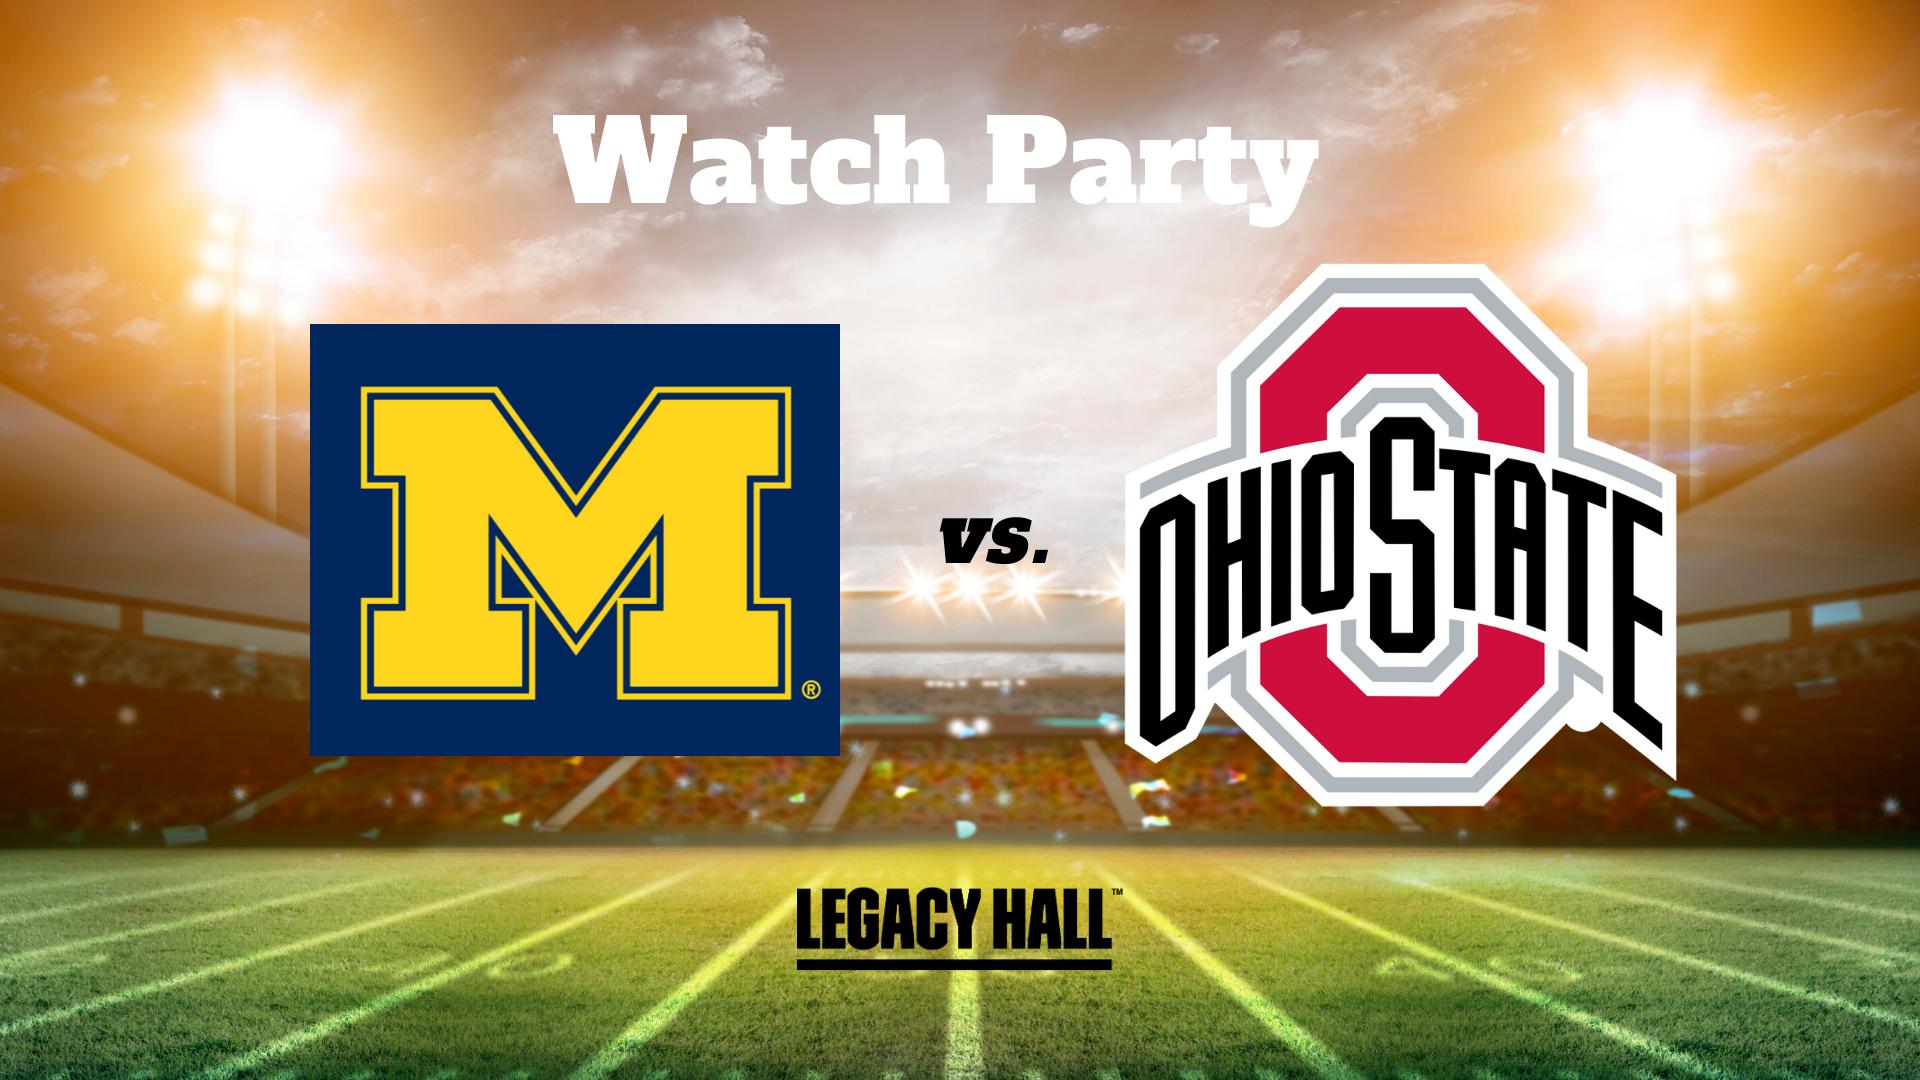 Michigan vs. Ohio State Watch Party - hero